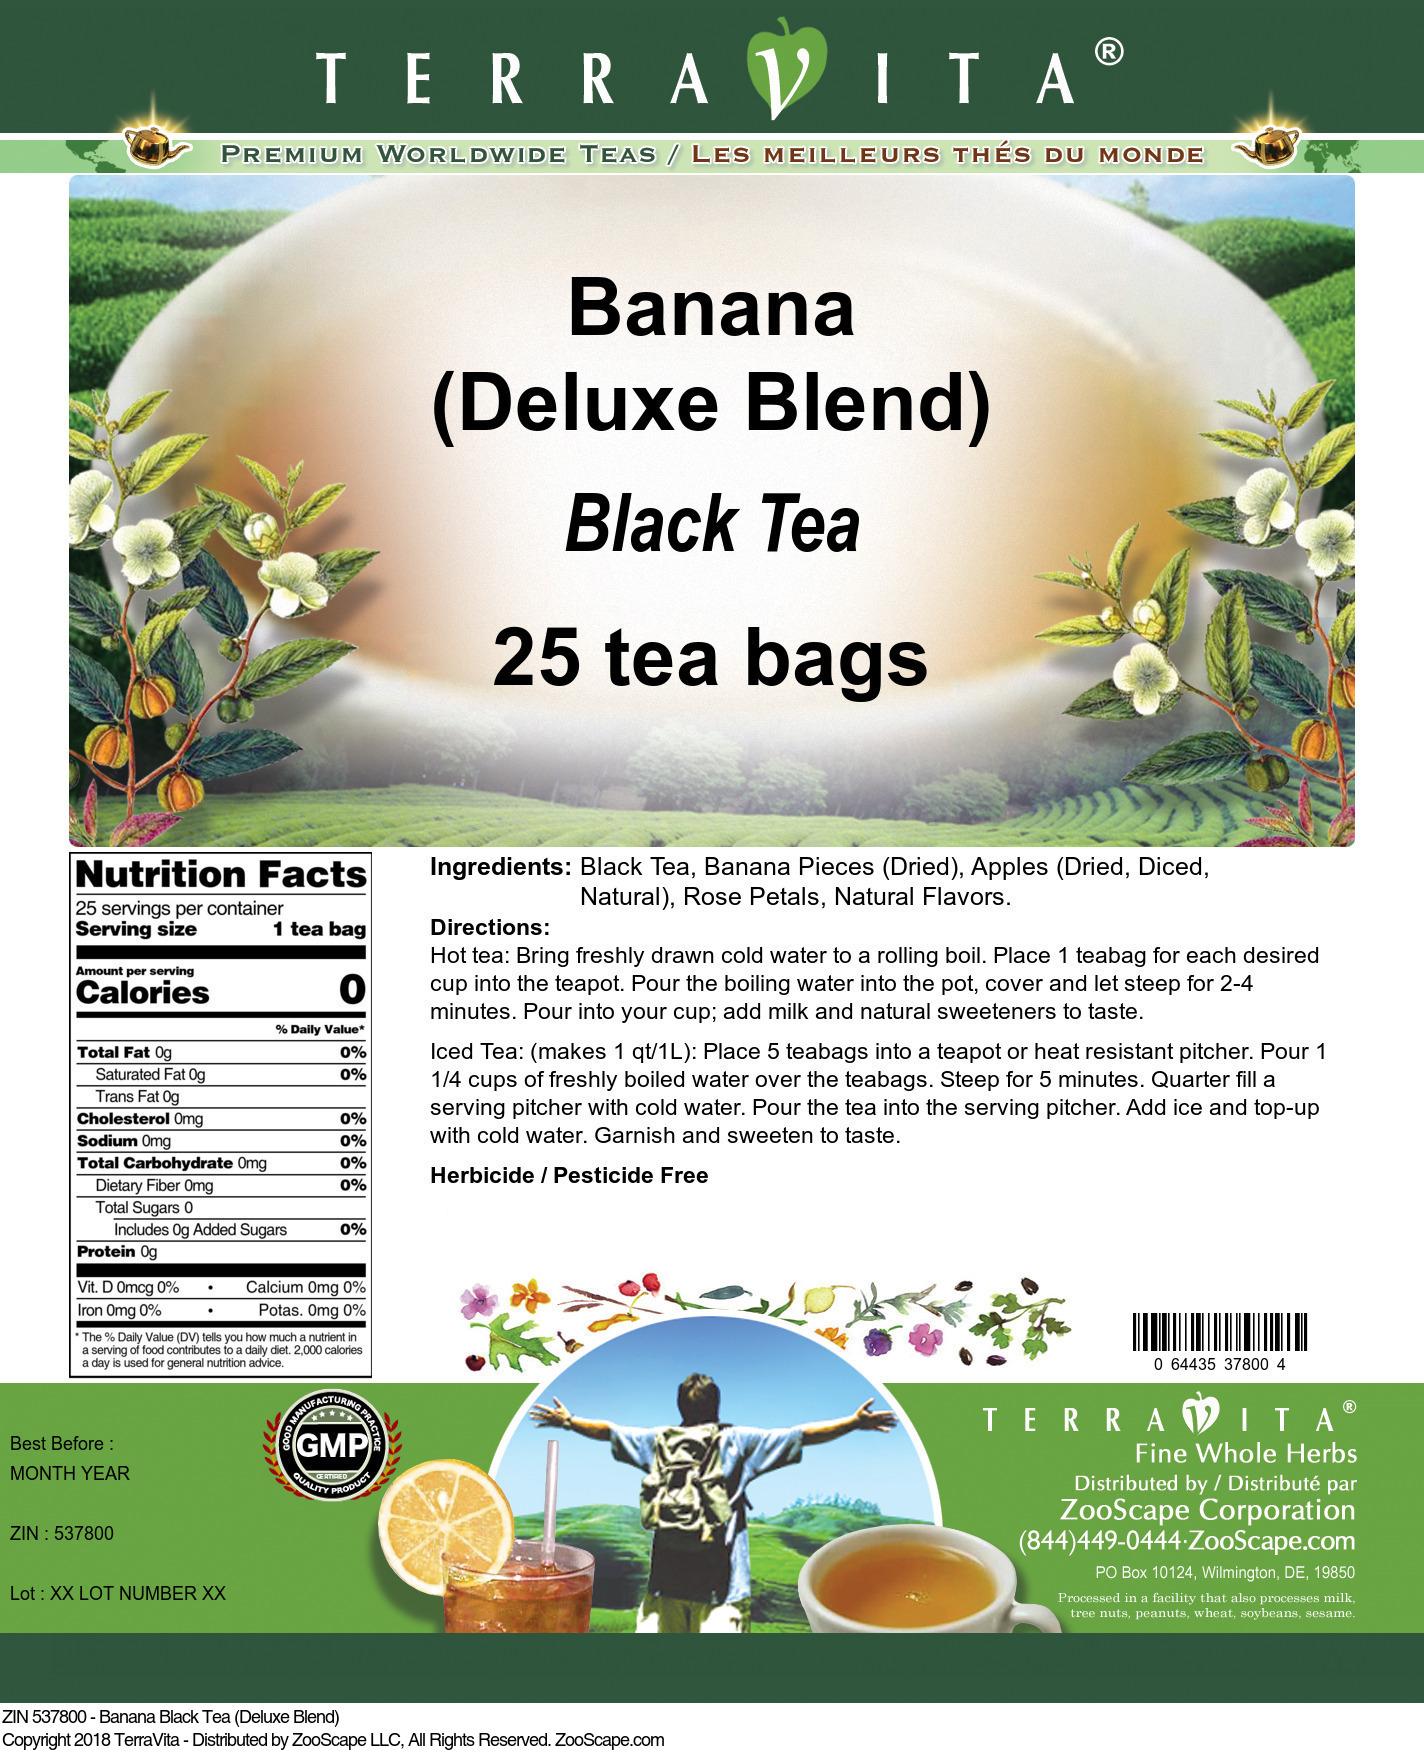 Banana Black Tea (Deluxe Blend)